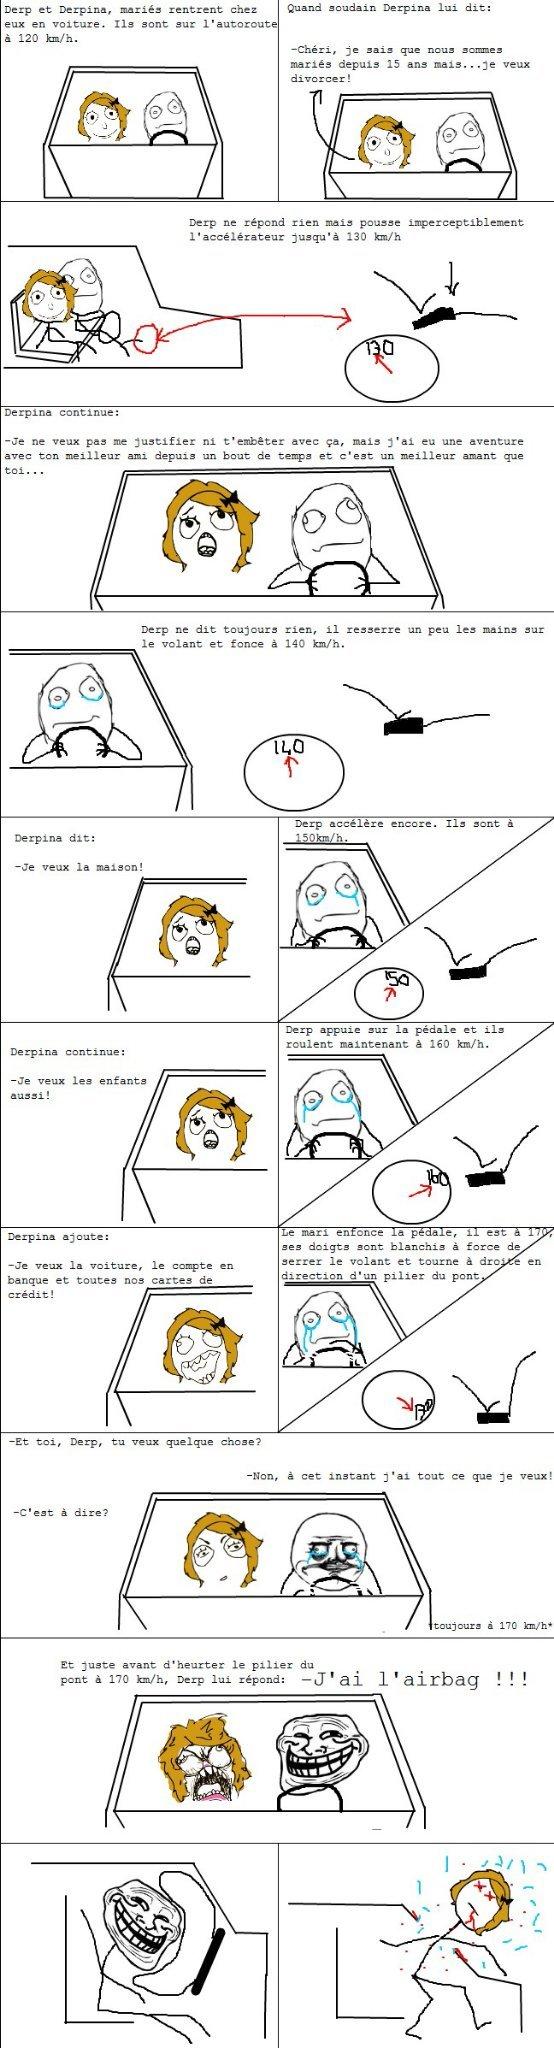 Rupture amoureuse en voiture un de mes meilleurs ragecomic:) - meme